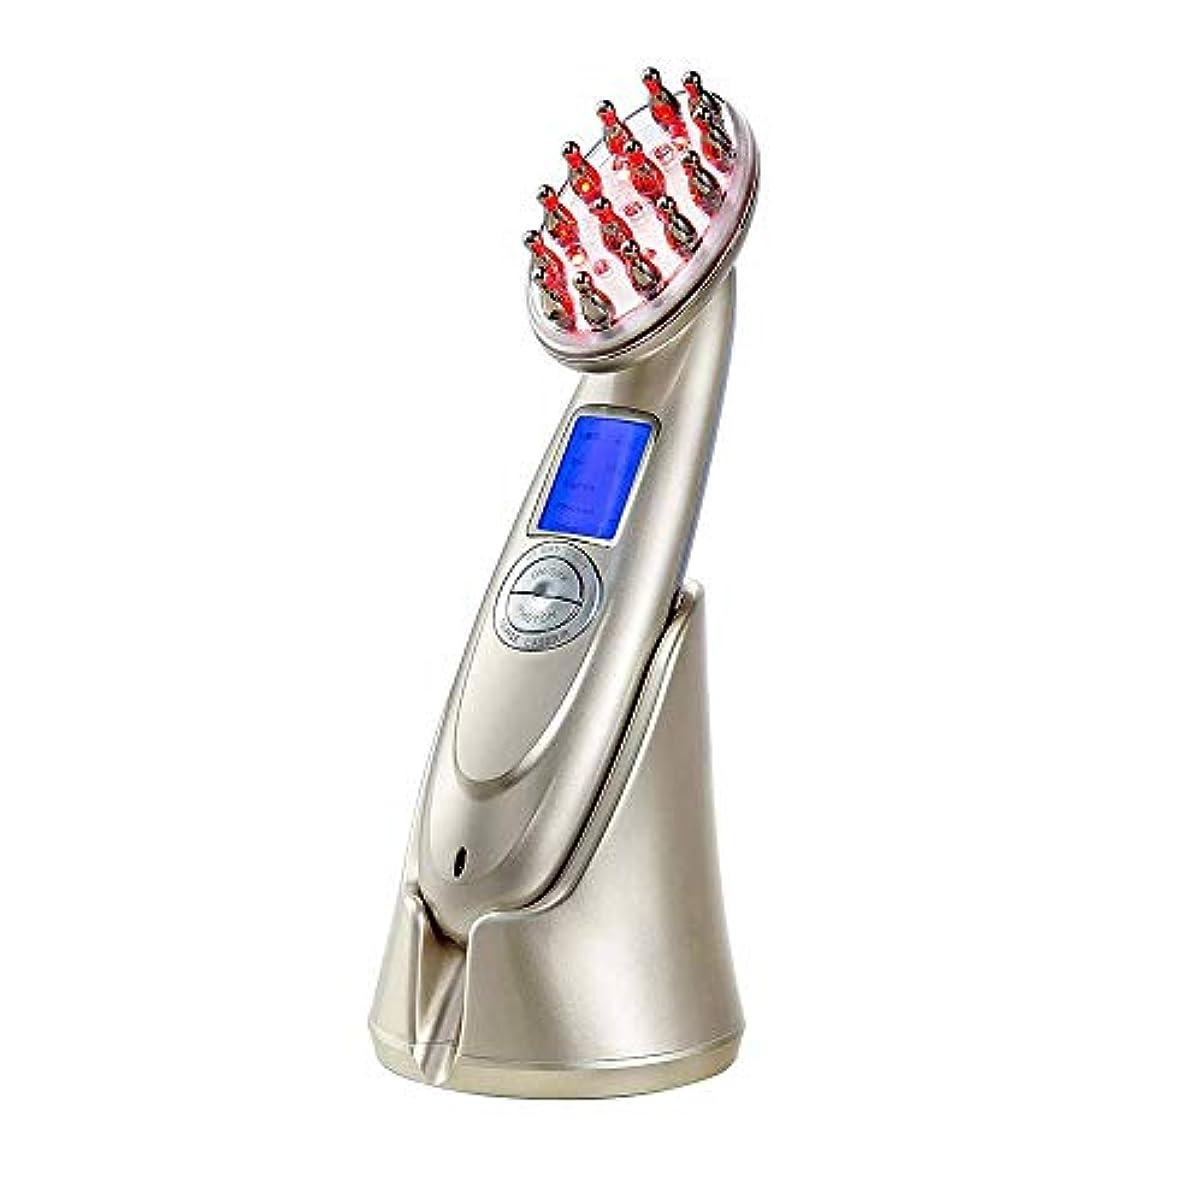 忙しい交差点形式髪の成長櫛電気抗毛損失治療マッサージヘア再生ブラシ無線周波数職業 EMS Led フォトンライトセラピー櫛